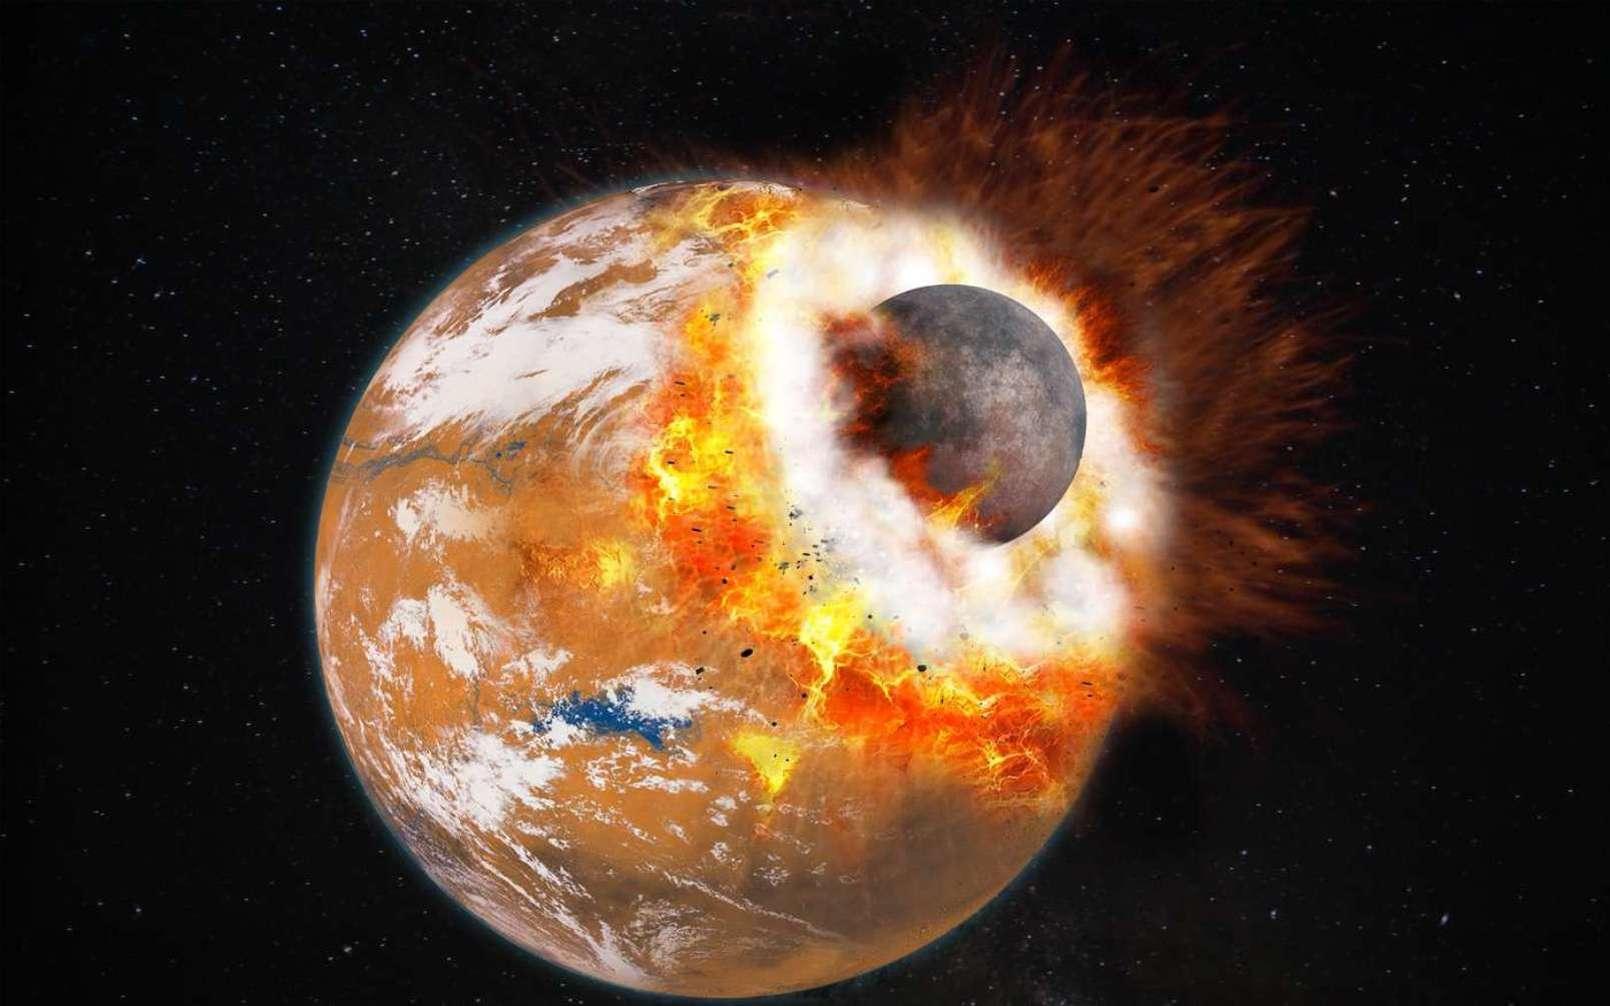 Vue d'artiste de l'impact géant qui aurait donné naissance à Phobos et Deimos et au Bassin boréal. L'impacteur devait faire environ le tiers de la taille de Mars dans le cadre de la simulation faite il y a quelques années et qui est donc aujourd'hui questionnée par une autre ne nécessitant pas un impacteur d'aussi grande taille. À cette époque, la Planète rouge était jeune et possédait peut-être une atmosphère plus épaisse et de l'eau liquide en surface. © Université Paris Diderot, Labex UnivEarthS